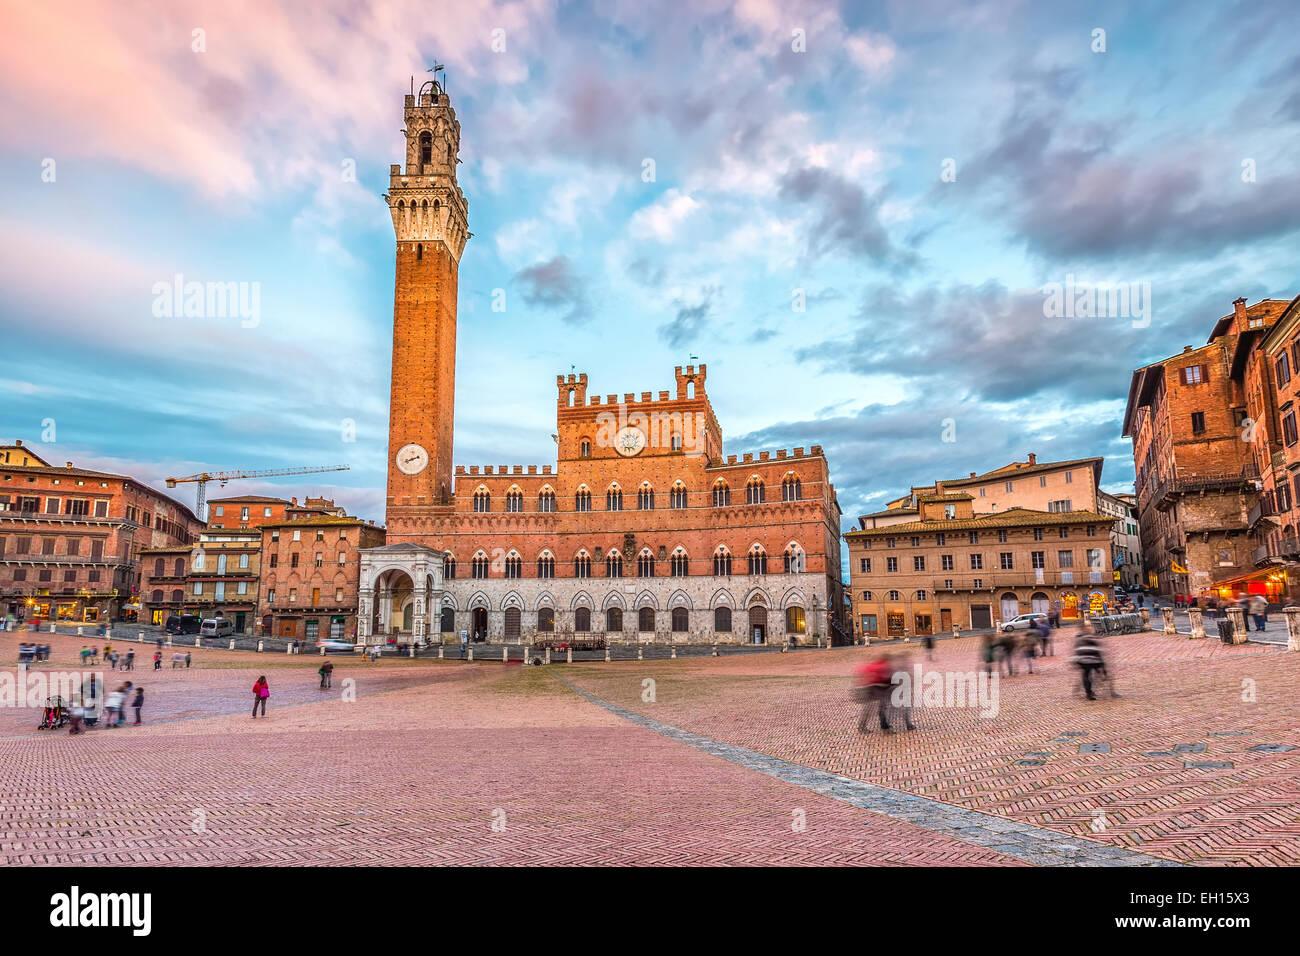 Piazza del Campo in Siena - Stock Image